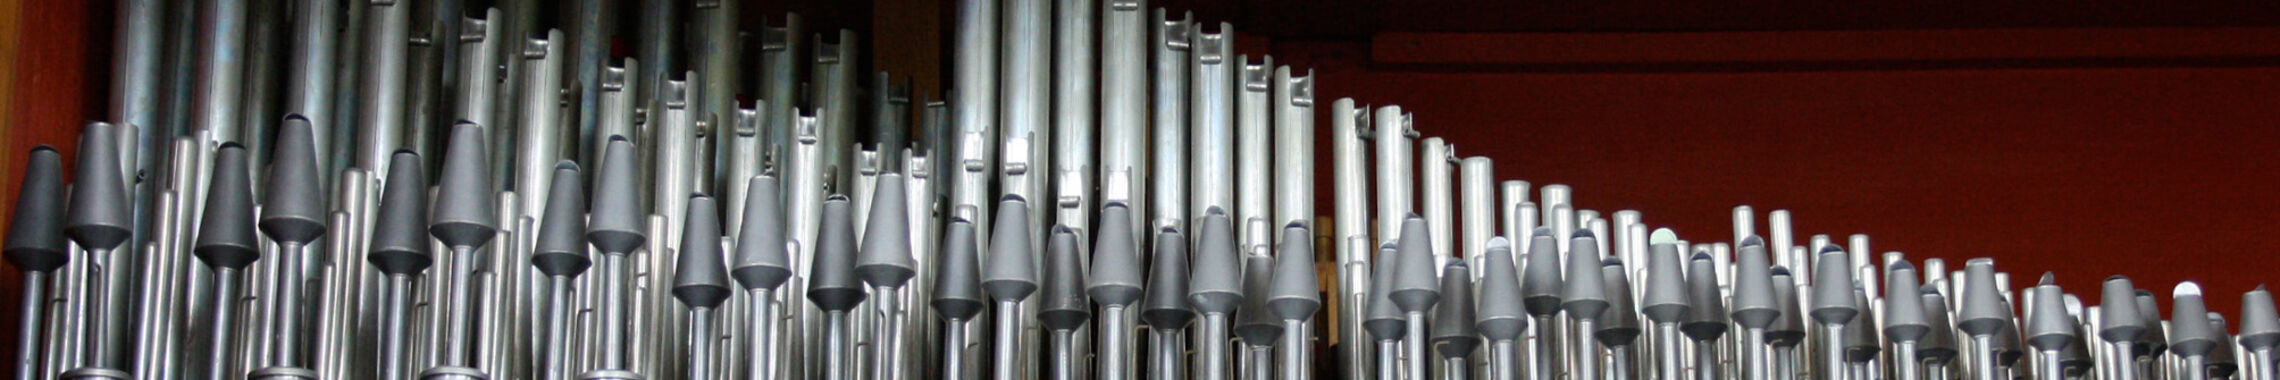 orgelpfeifen2